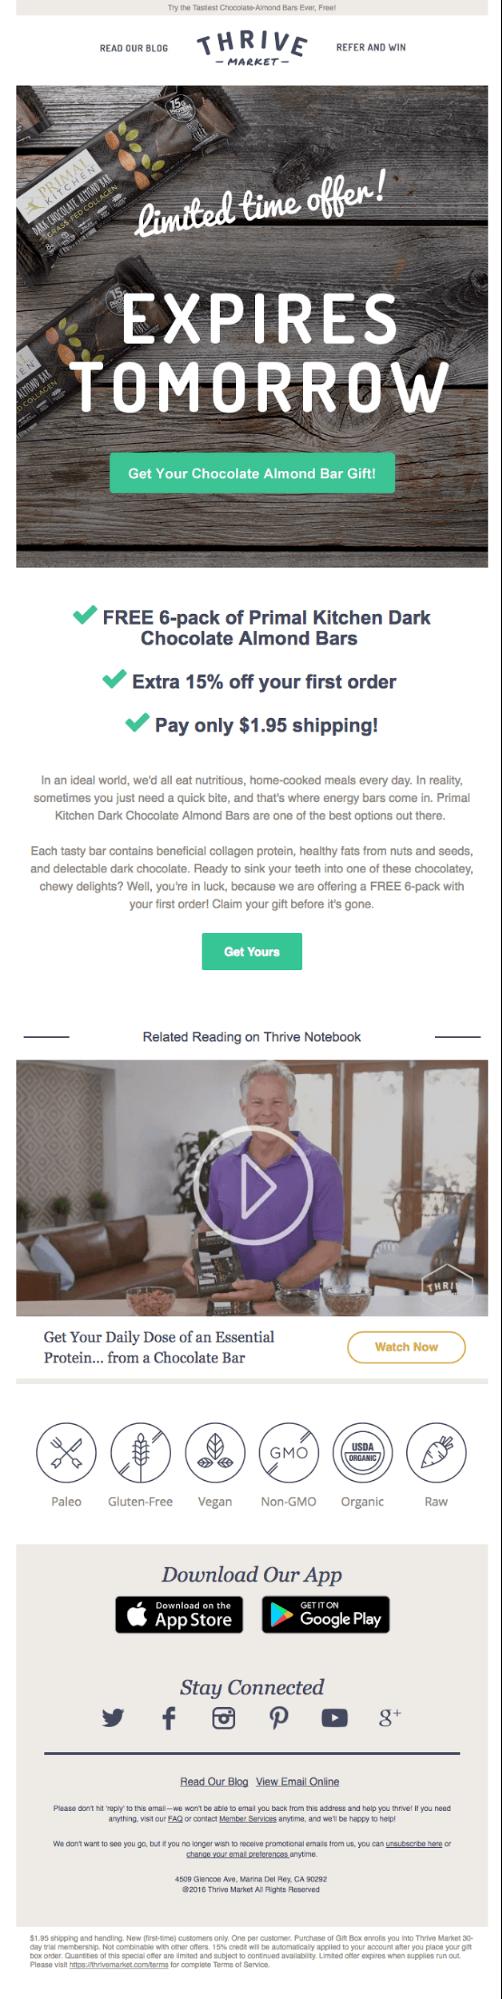 Shopify邮件营销